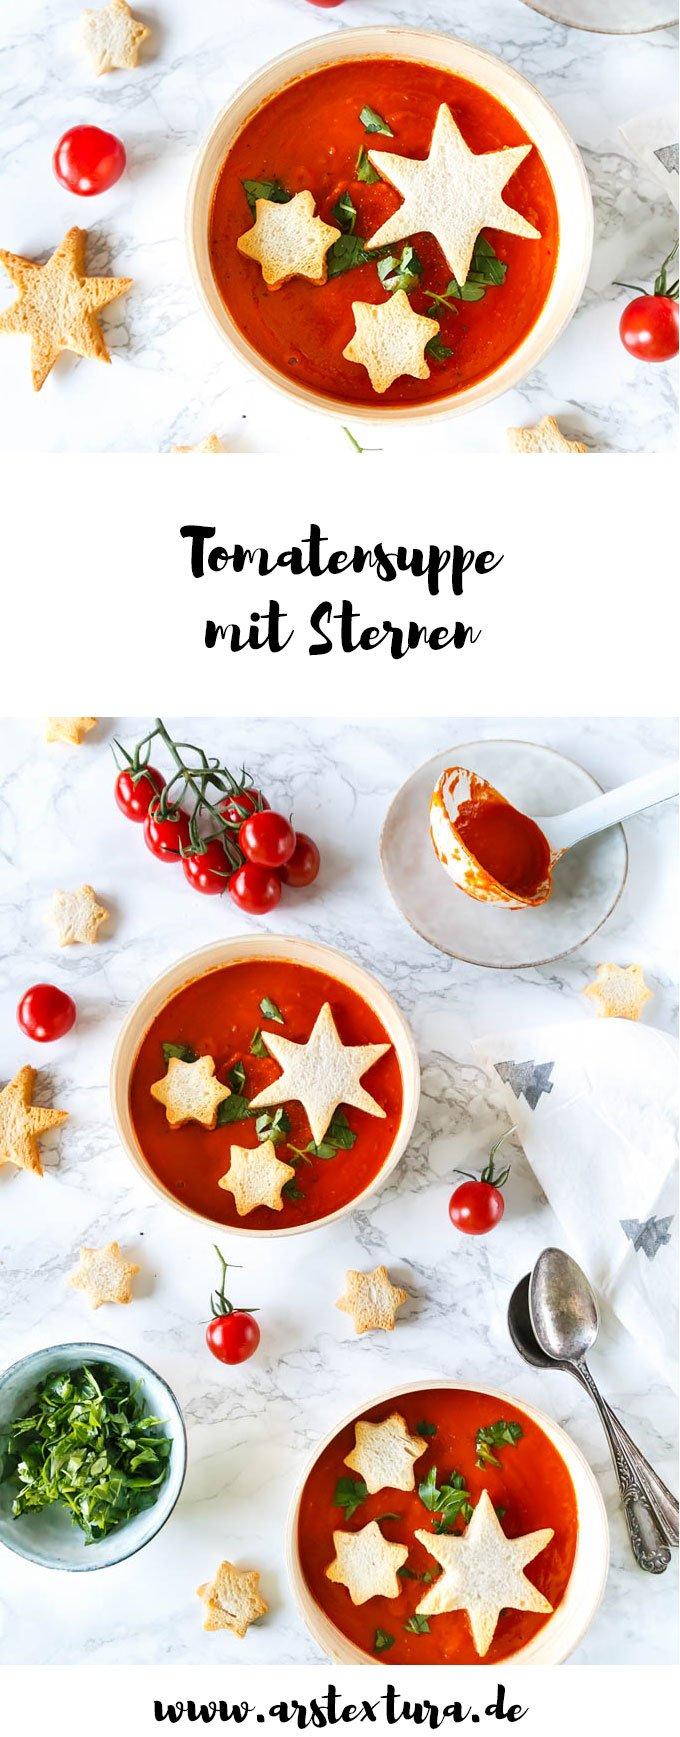 Tomatensuppe mit Sternen - die perfekte Vorsuppe fürs Weihnachtsmenü #weihnachtsgericht #weihnachten #tomatensuppe